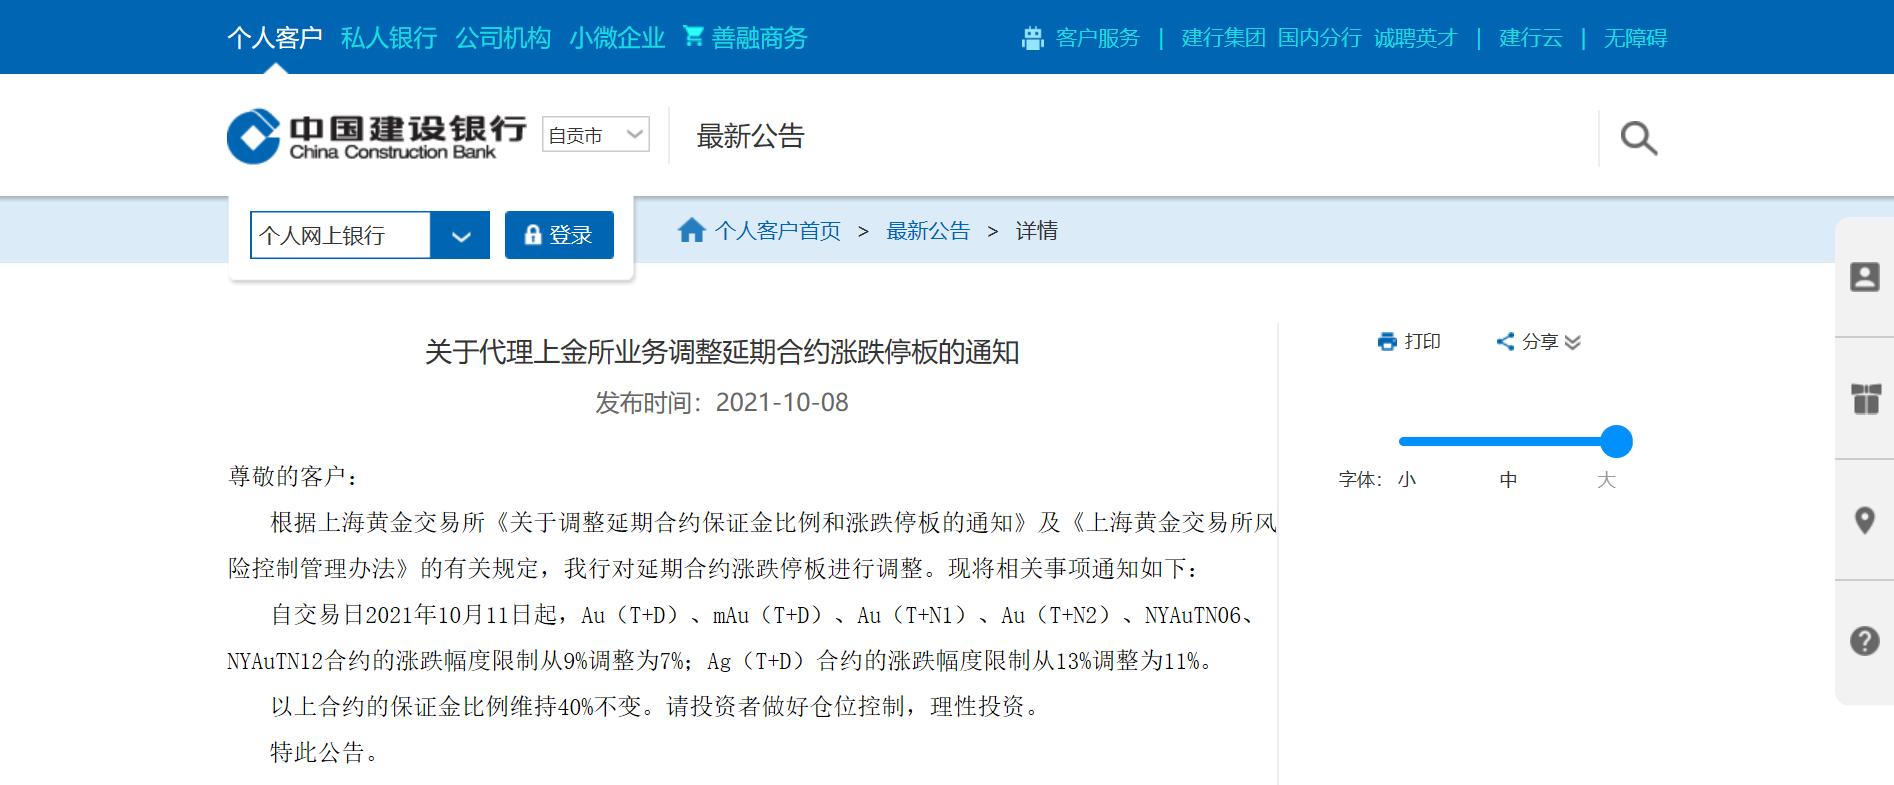 天游平台注册地址中国建设银行发布重要通知!